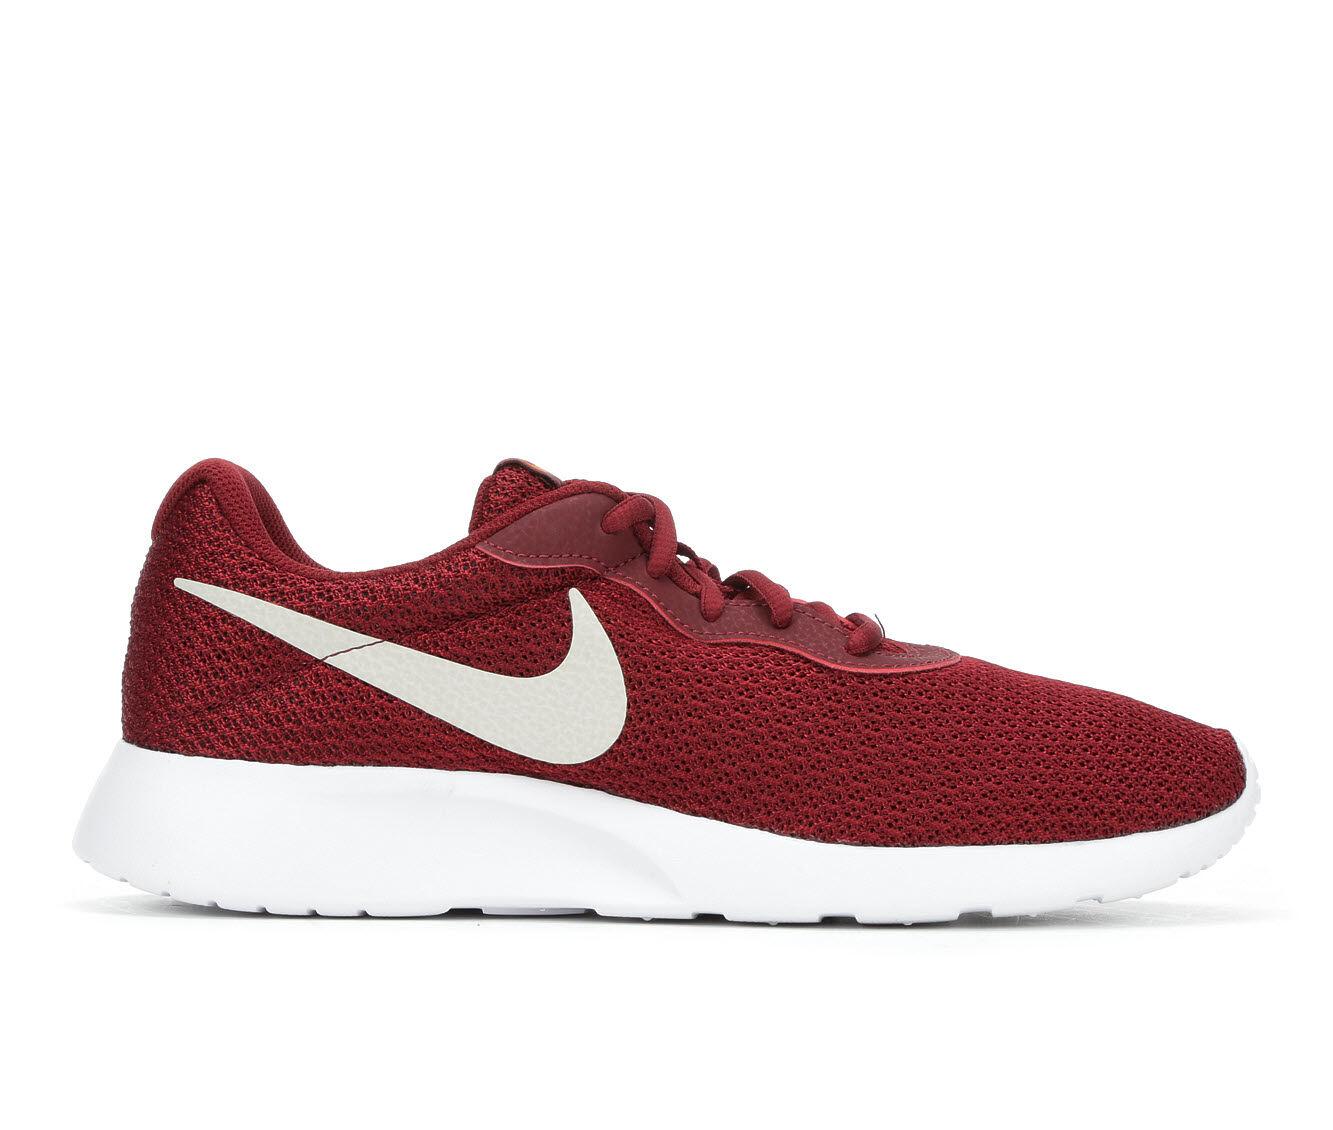 Men's Nike Tanjun Sneakers Red/Wht/Org 602